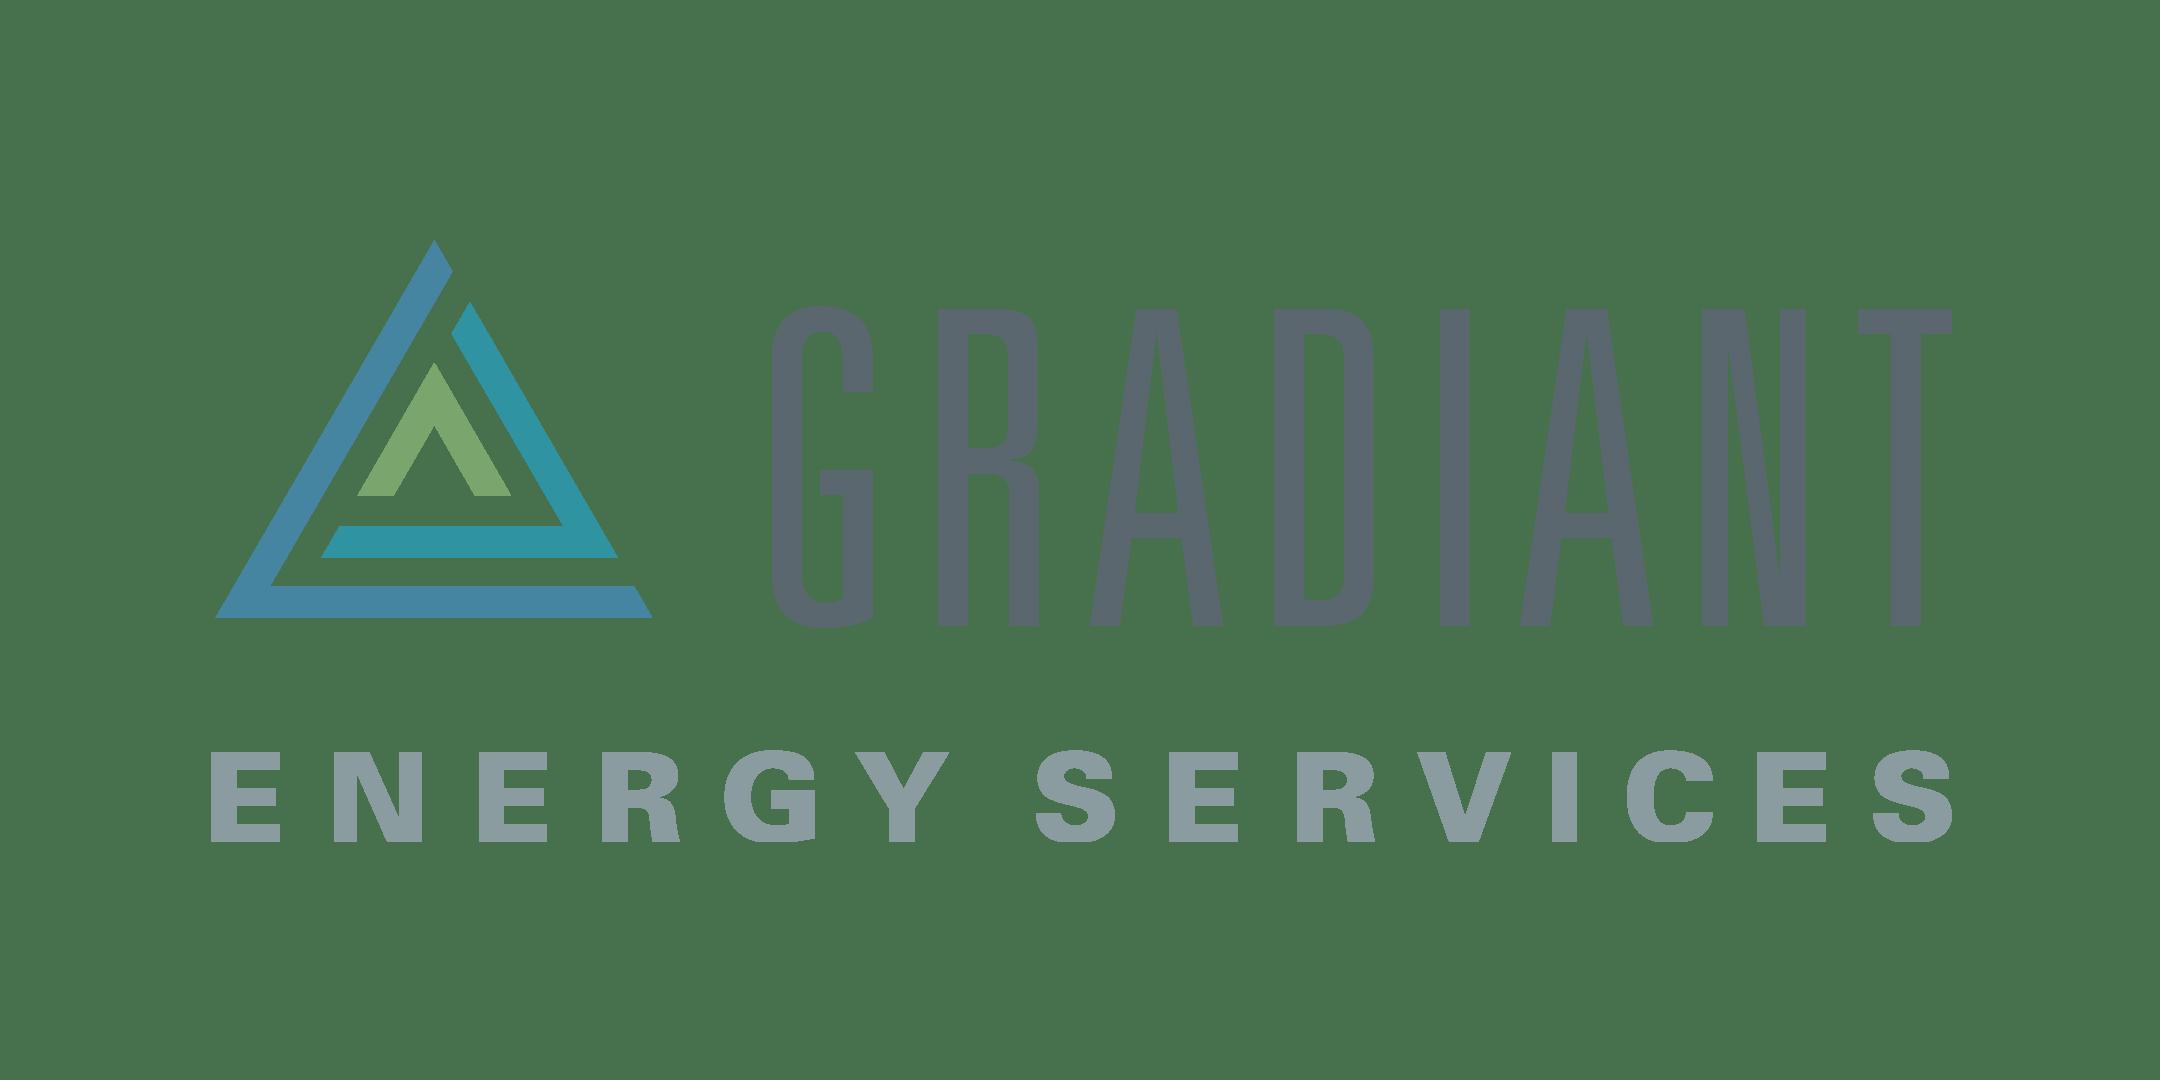 Gradiant company logo